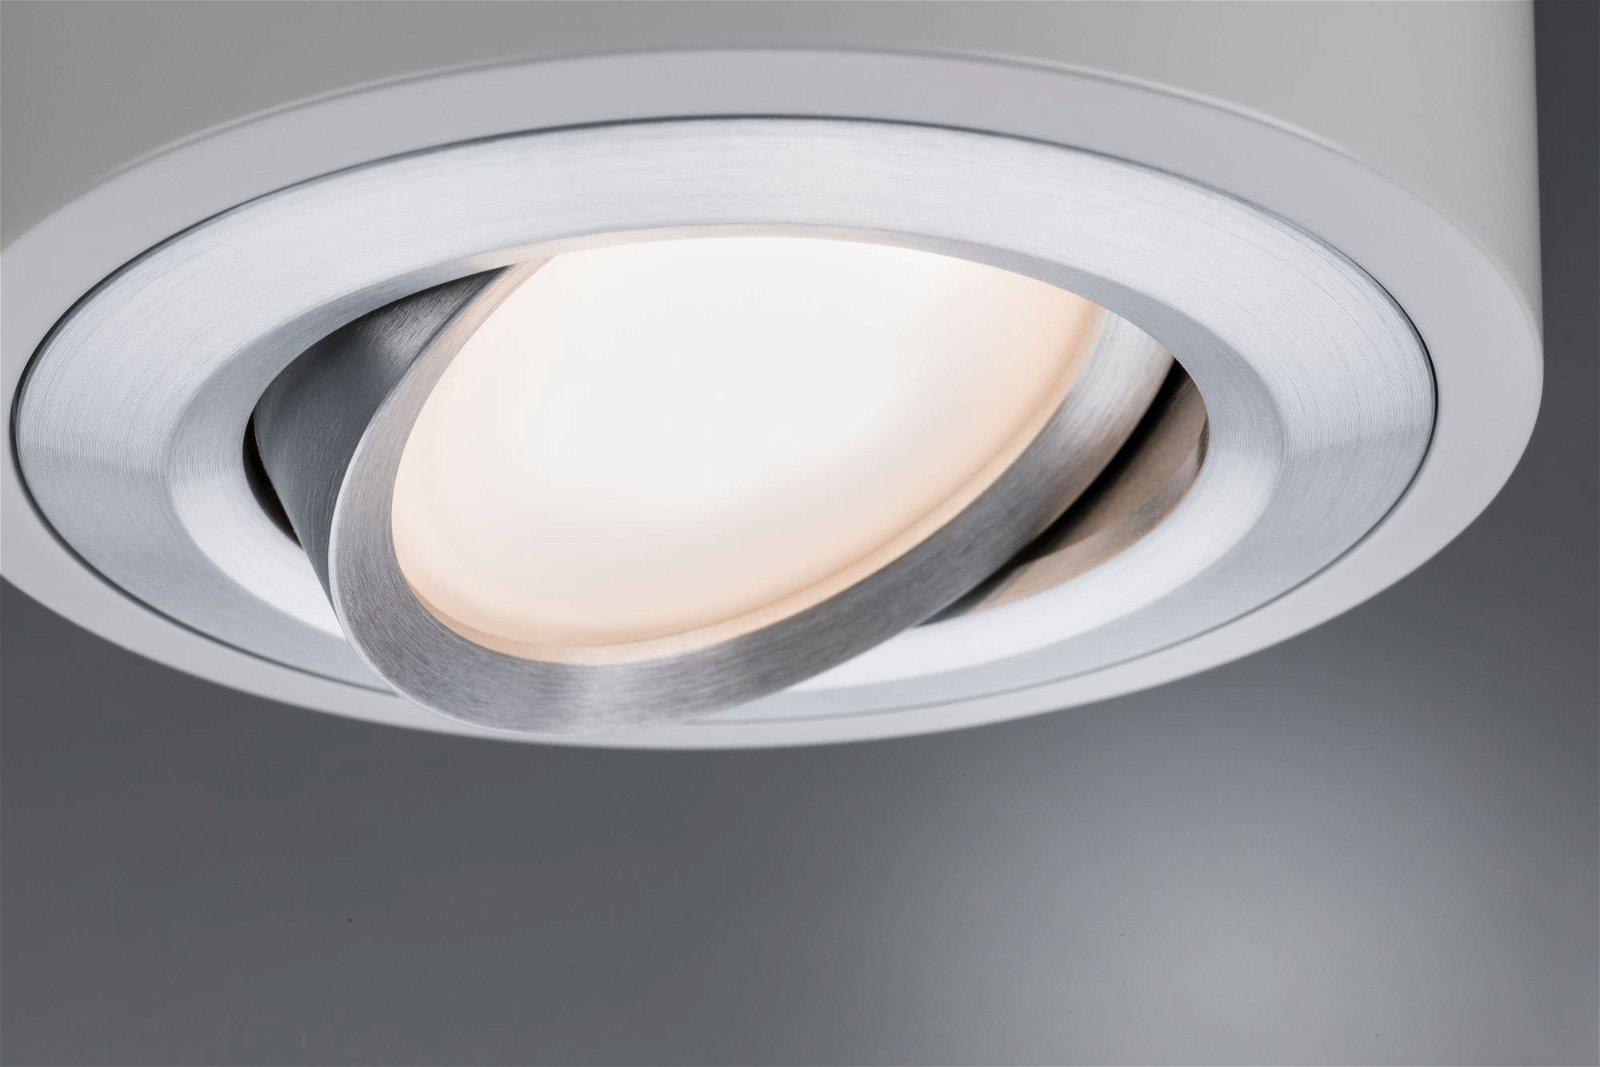 LED Wandleuchte Argun 3000K 475lm 230V 4,8W Alu gebürstet